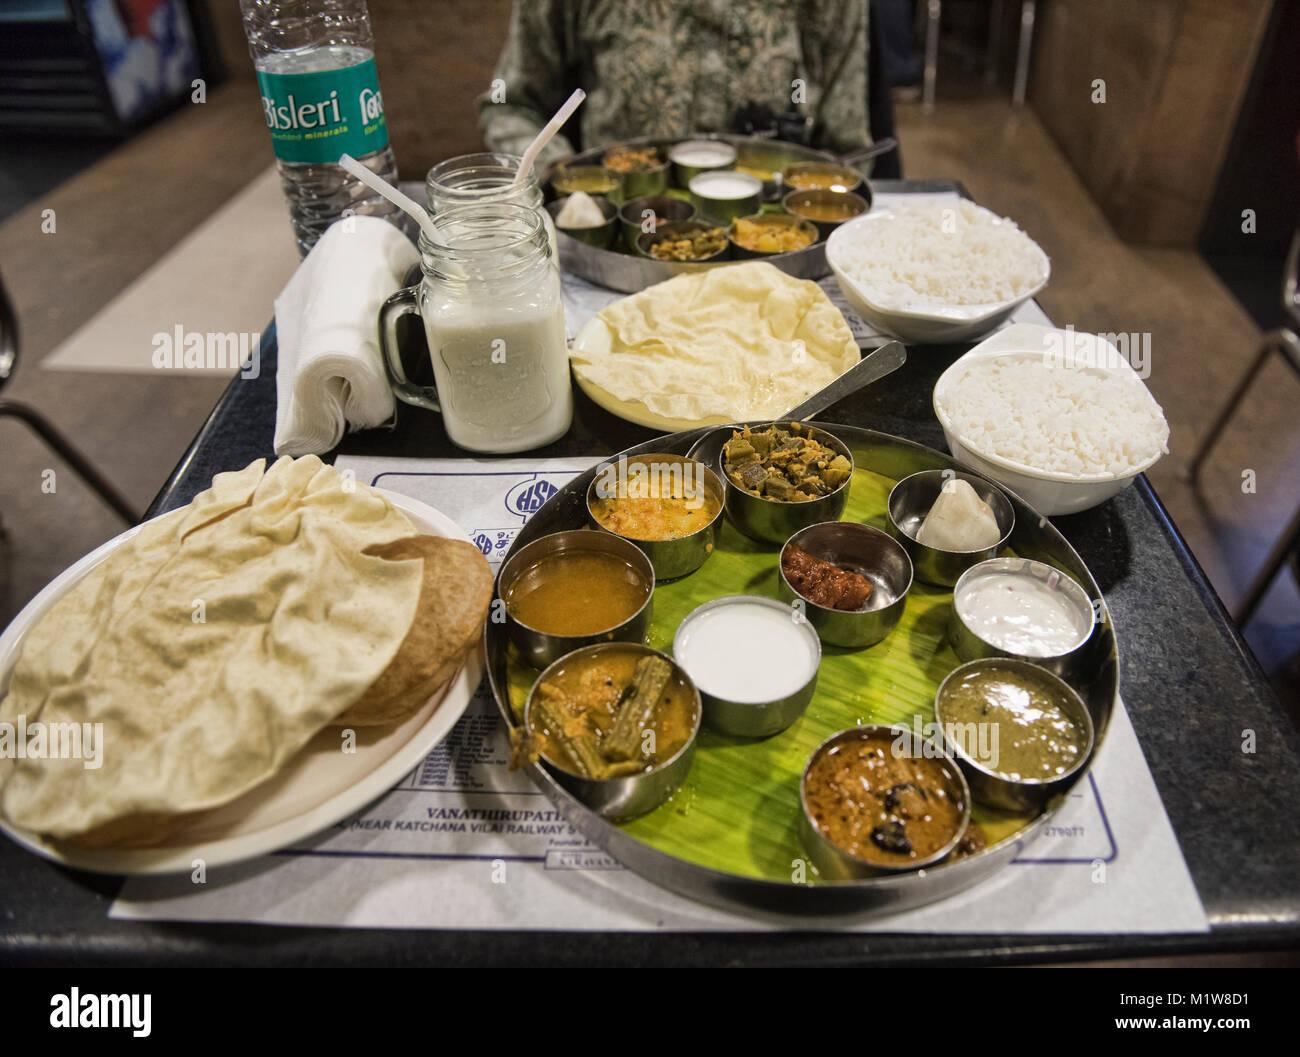 Indiano meridionale Thali presso il leggendario Saravana Bhavan ristorante New Delhi, India Immagini Stock